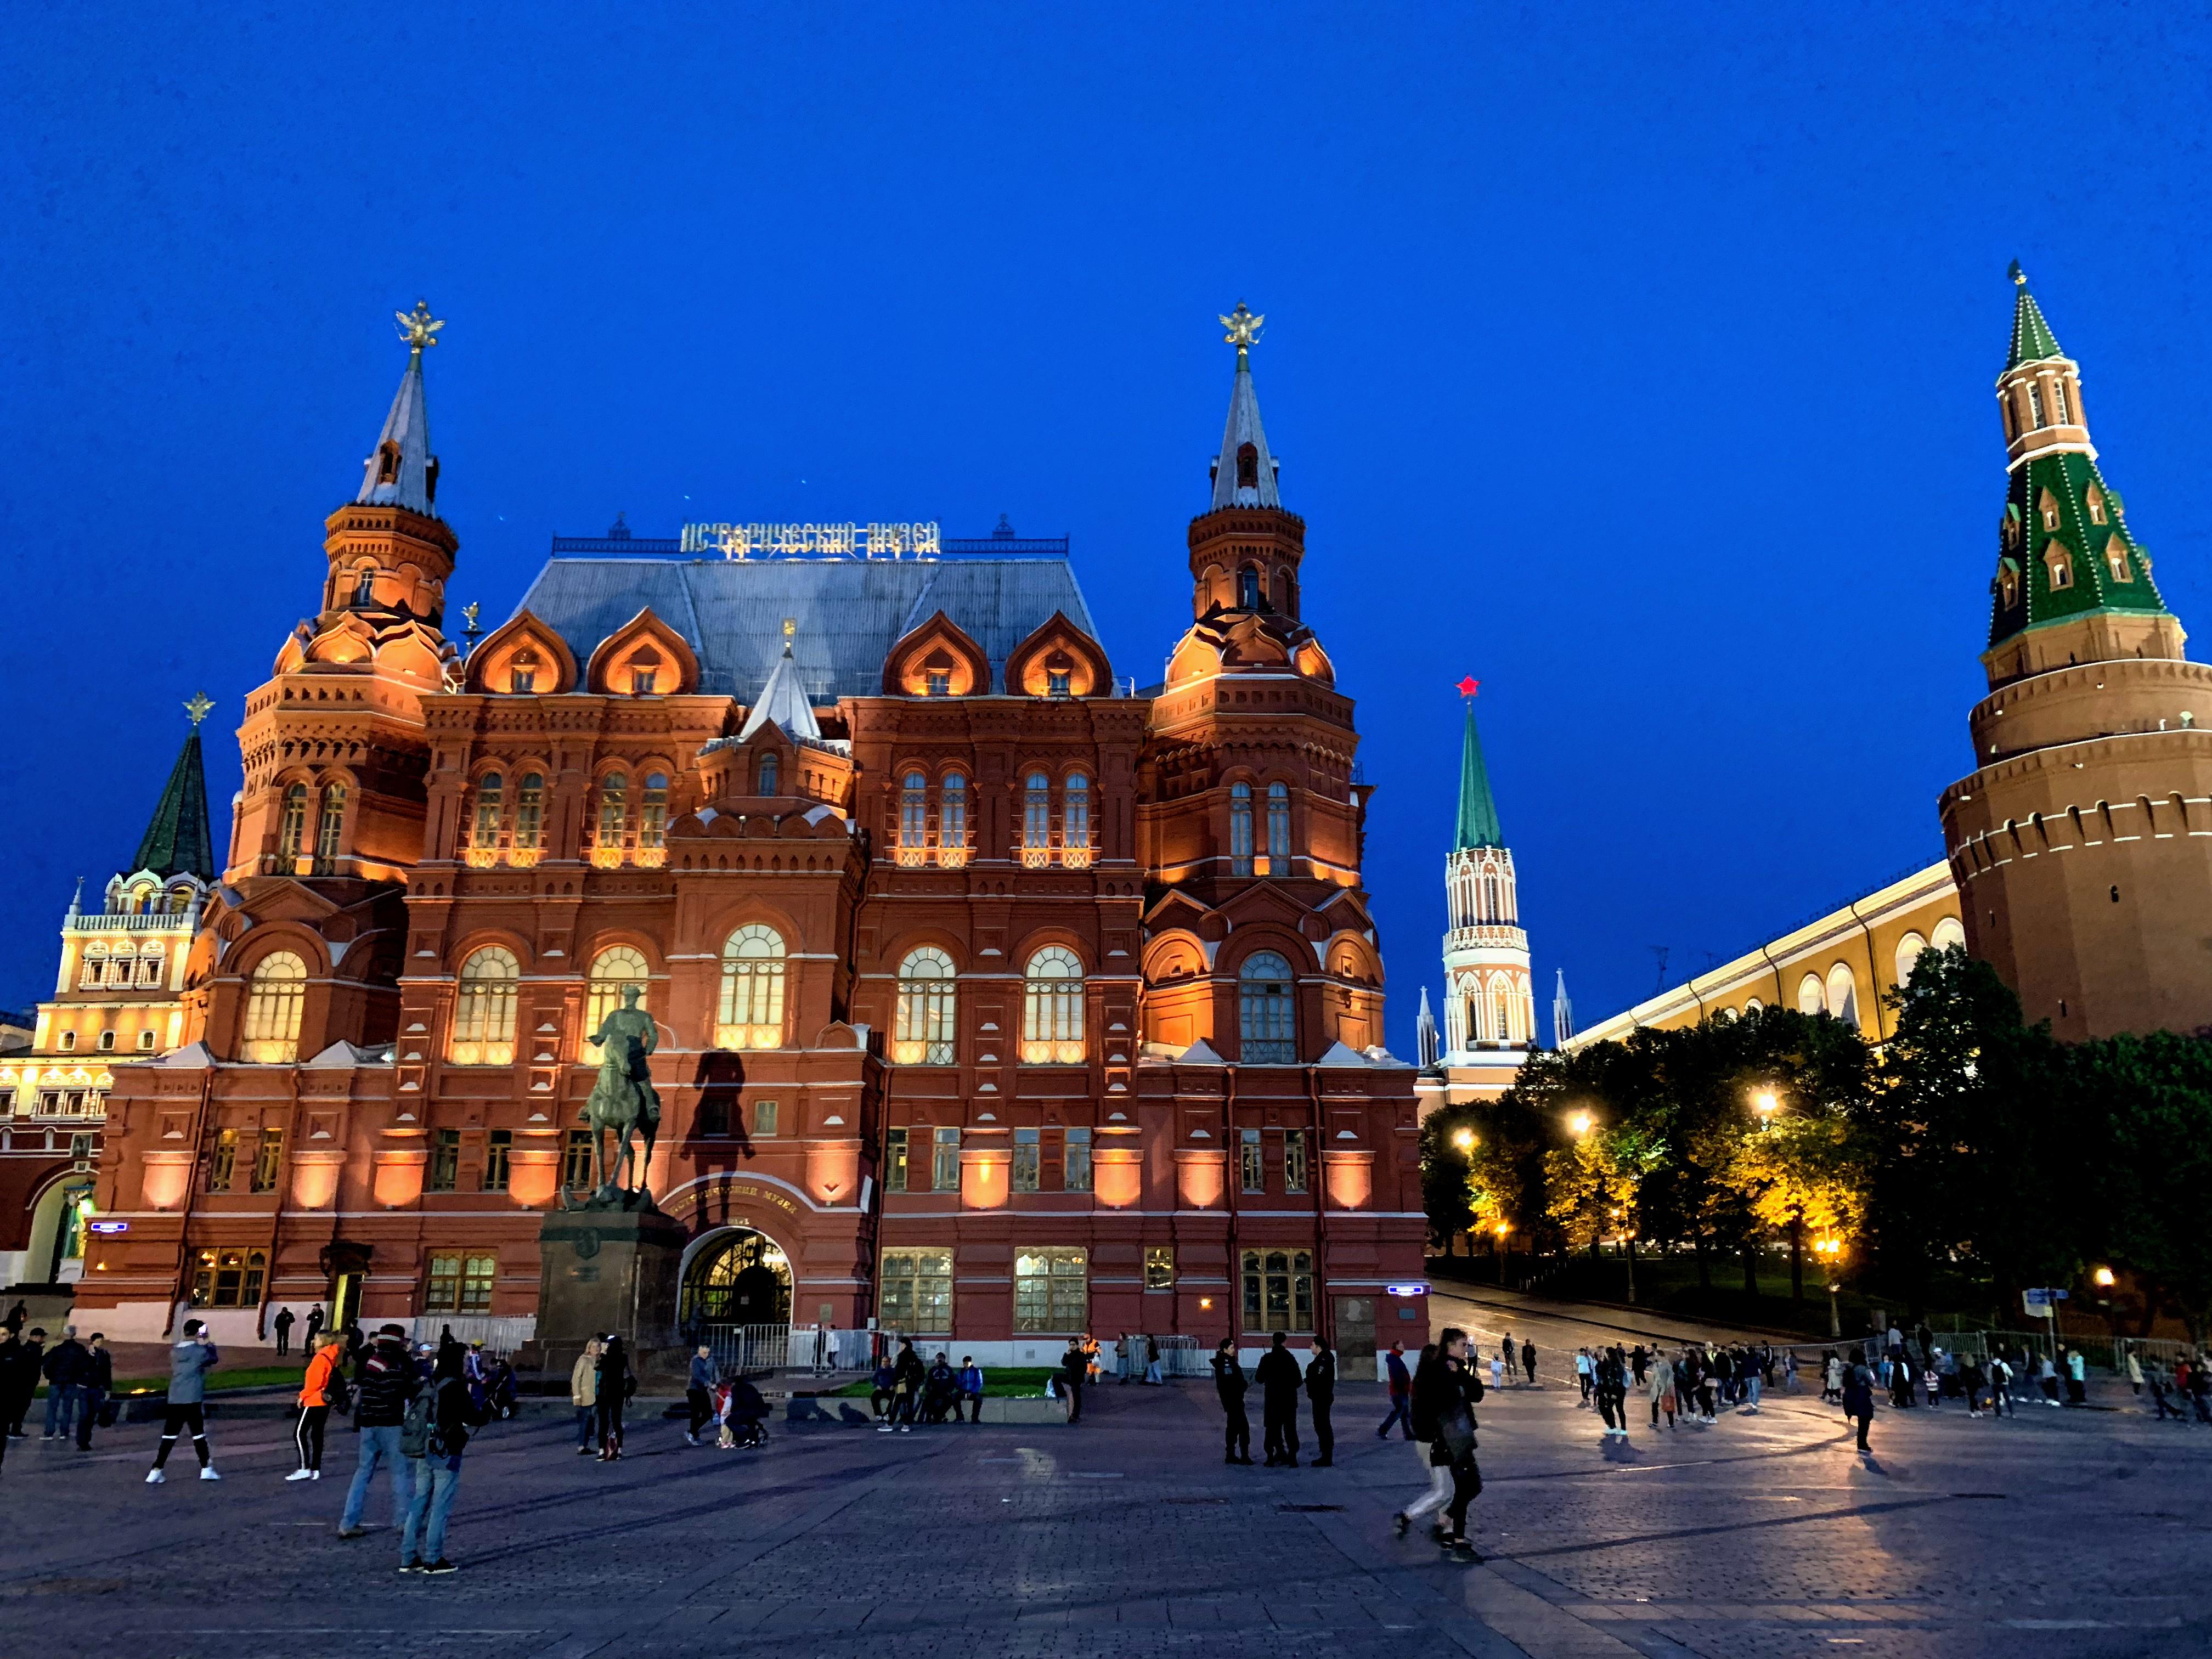 ロシア 1 : 空港から市内・動物のいるレストラン(モスクワ)